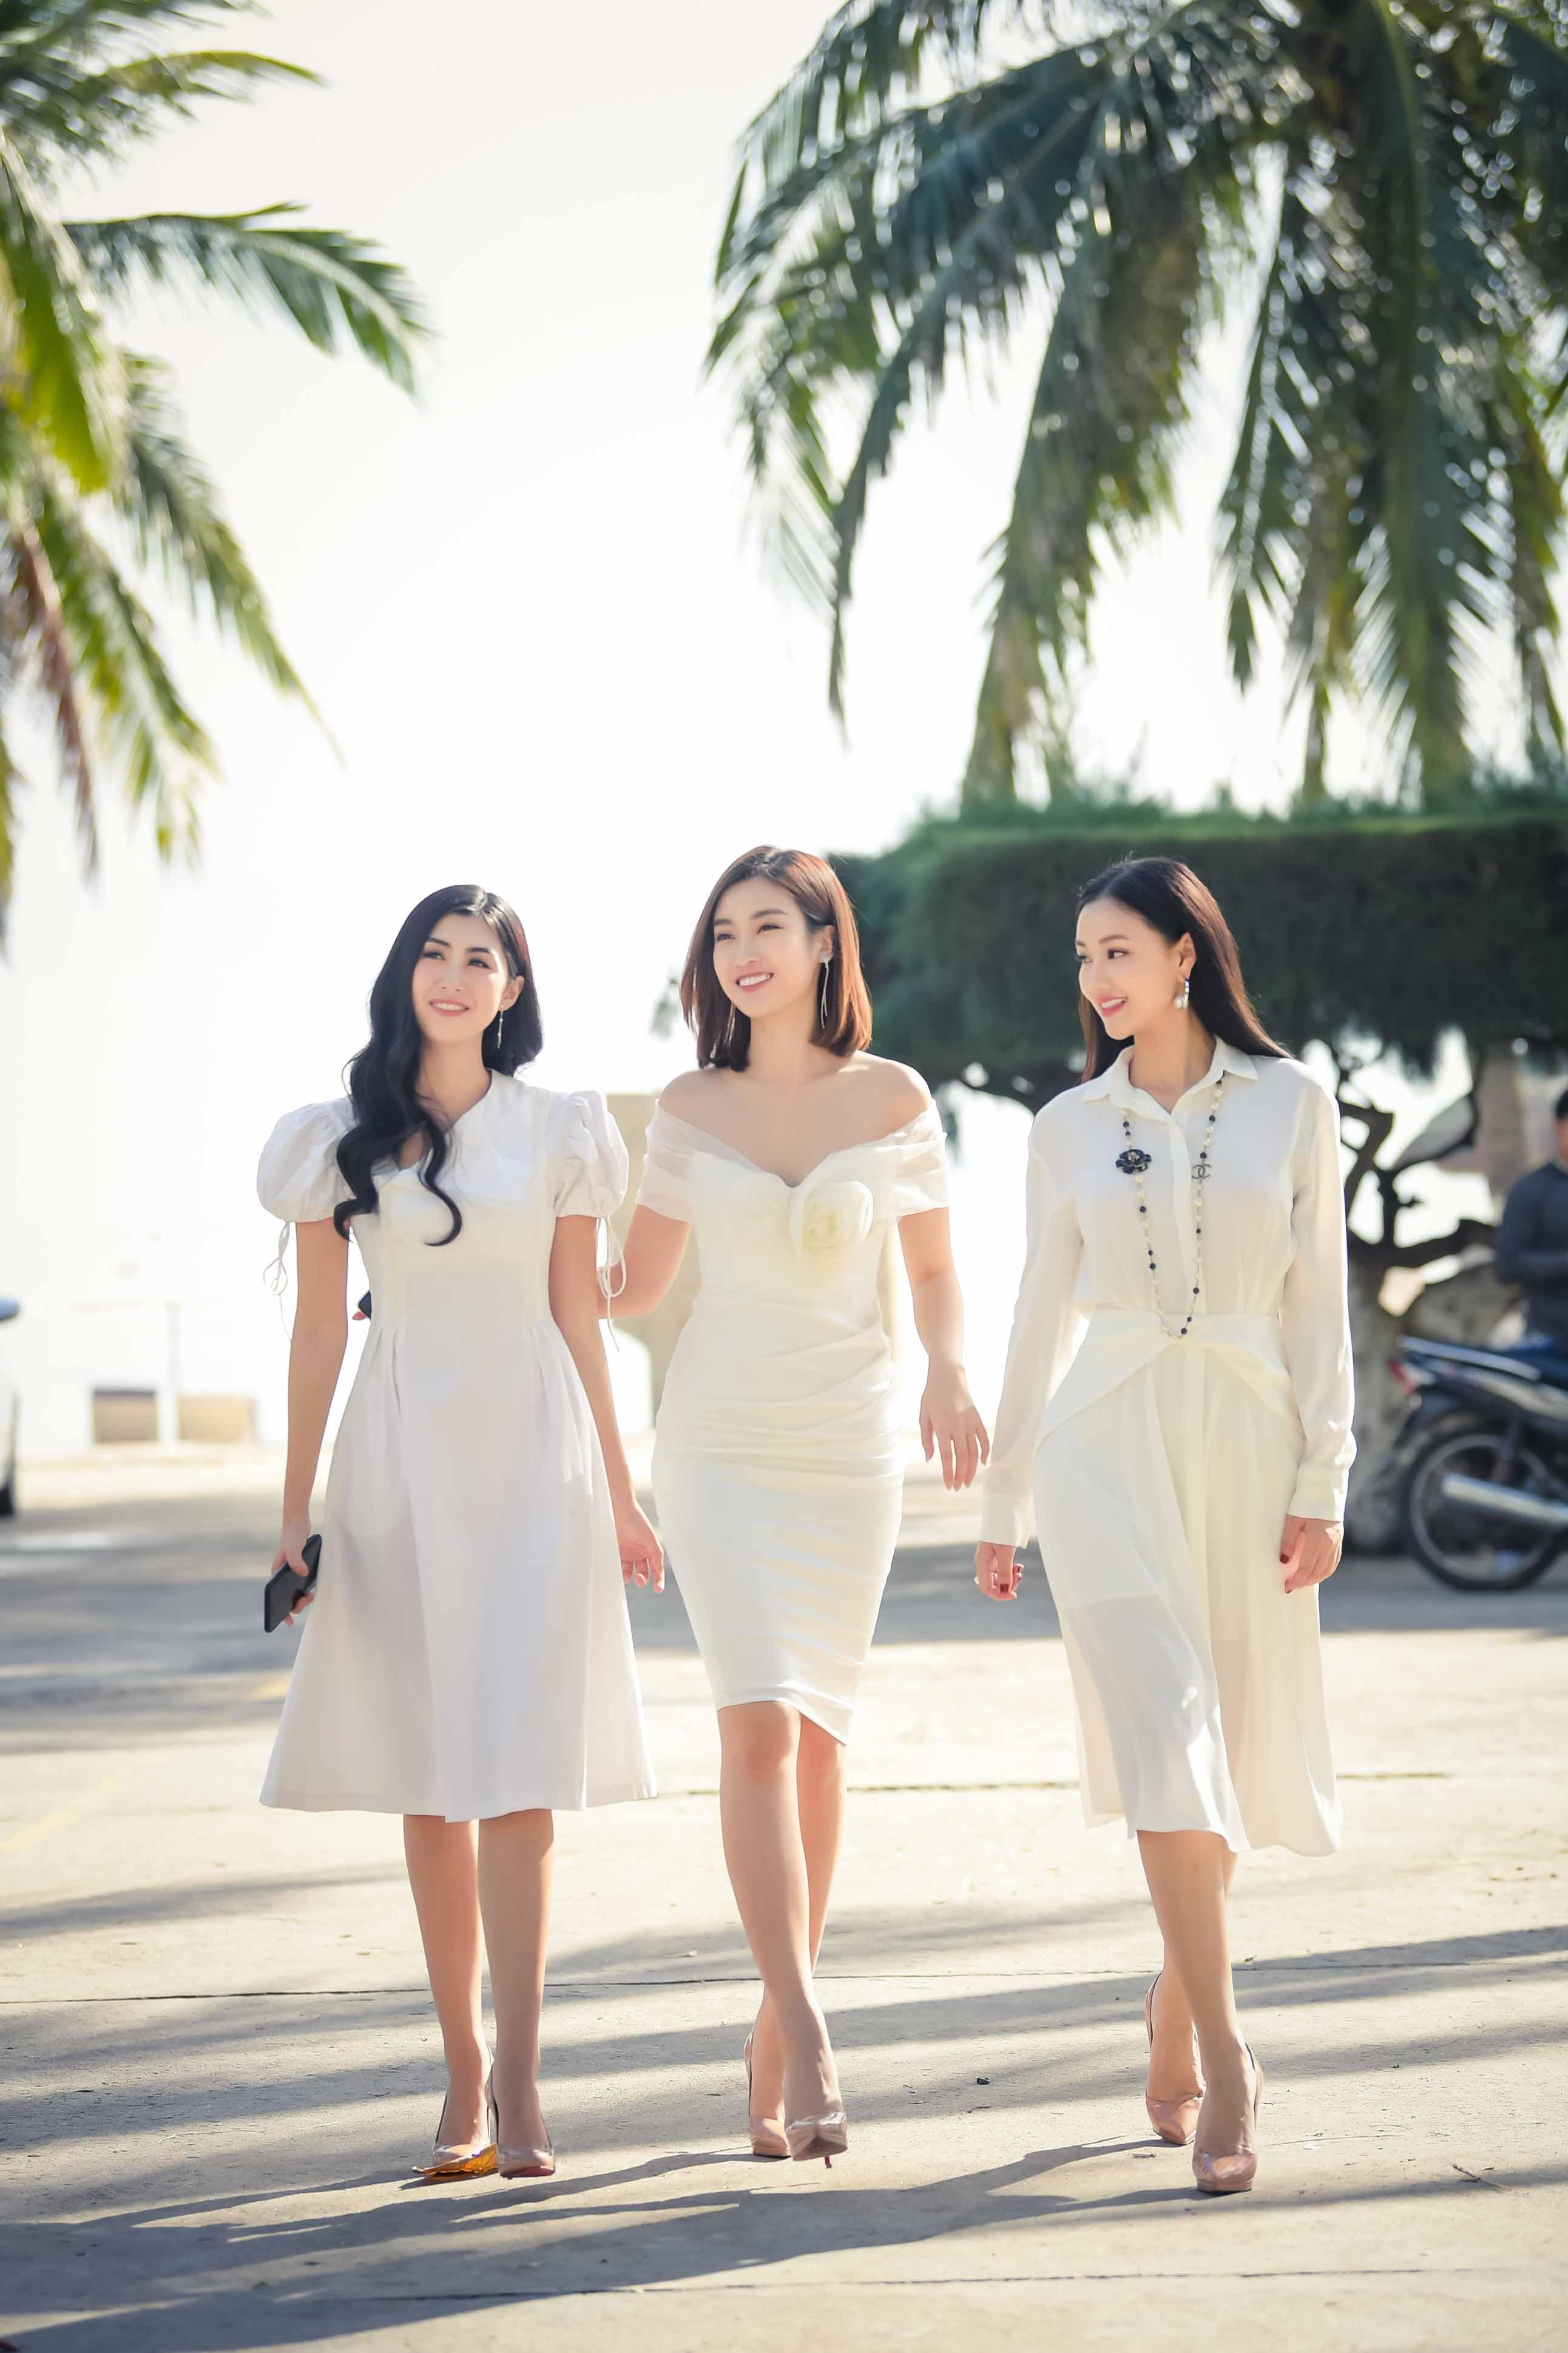 Mỹ Linh diện đầm trễ vai xinh đẹp giao lưu với sinh viên Nha Trang 1